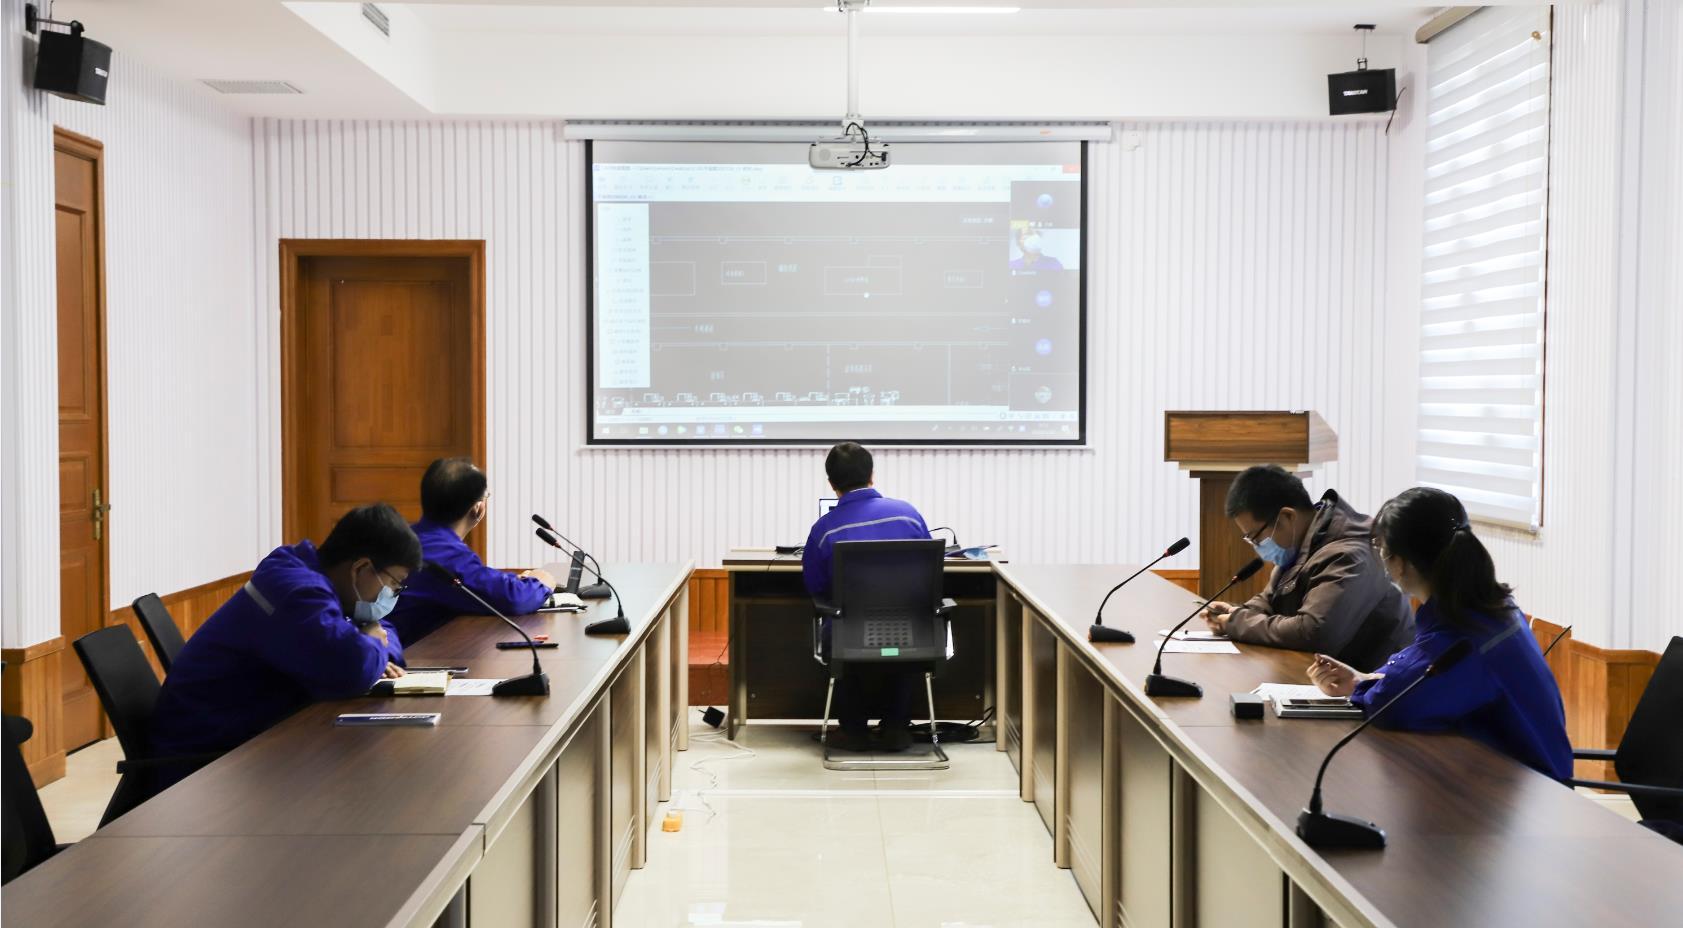 我公司与力神特电召开生产车间工艺布局交流讨论视频会议63